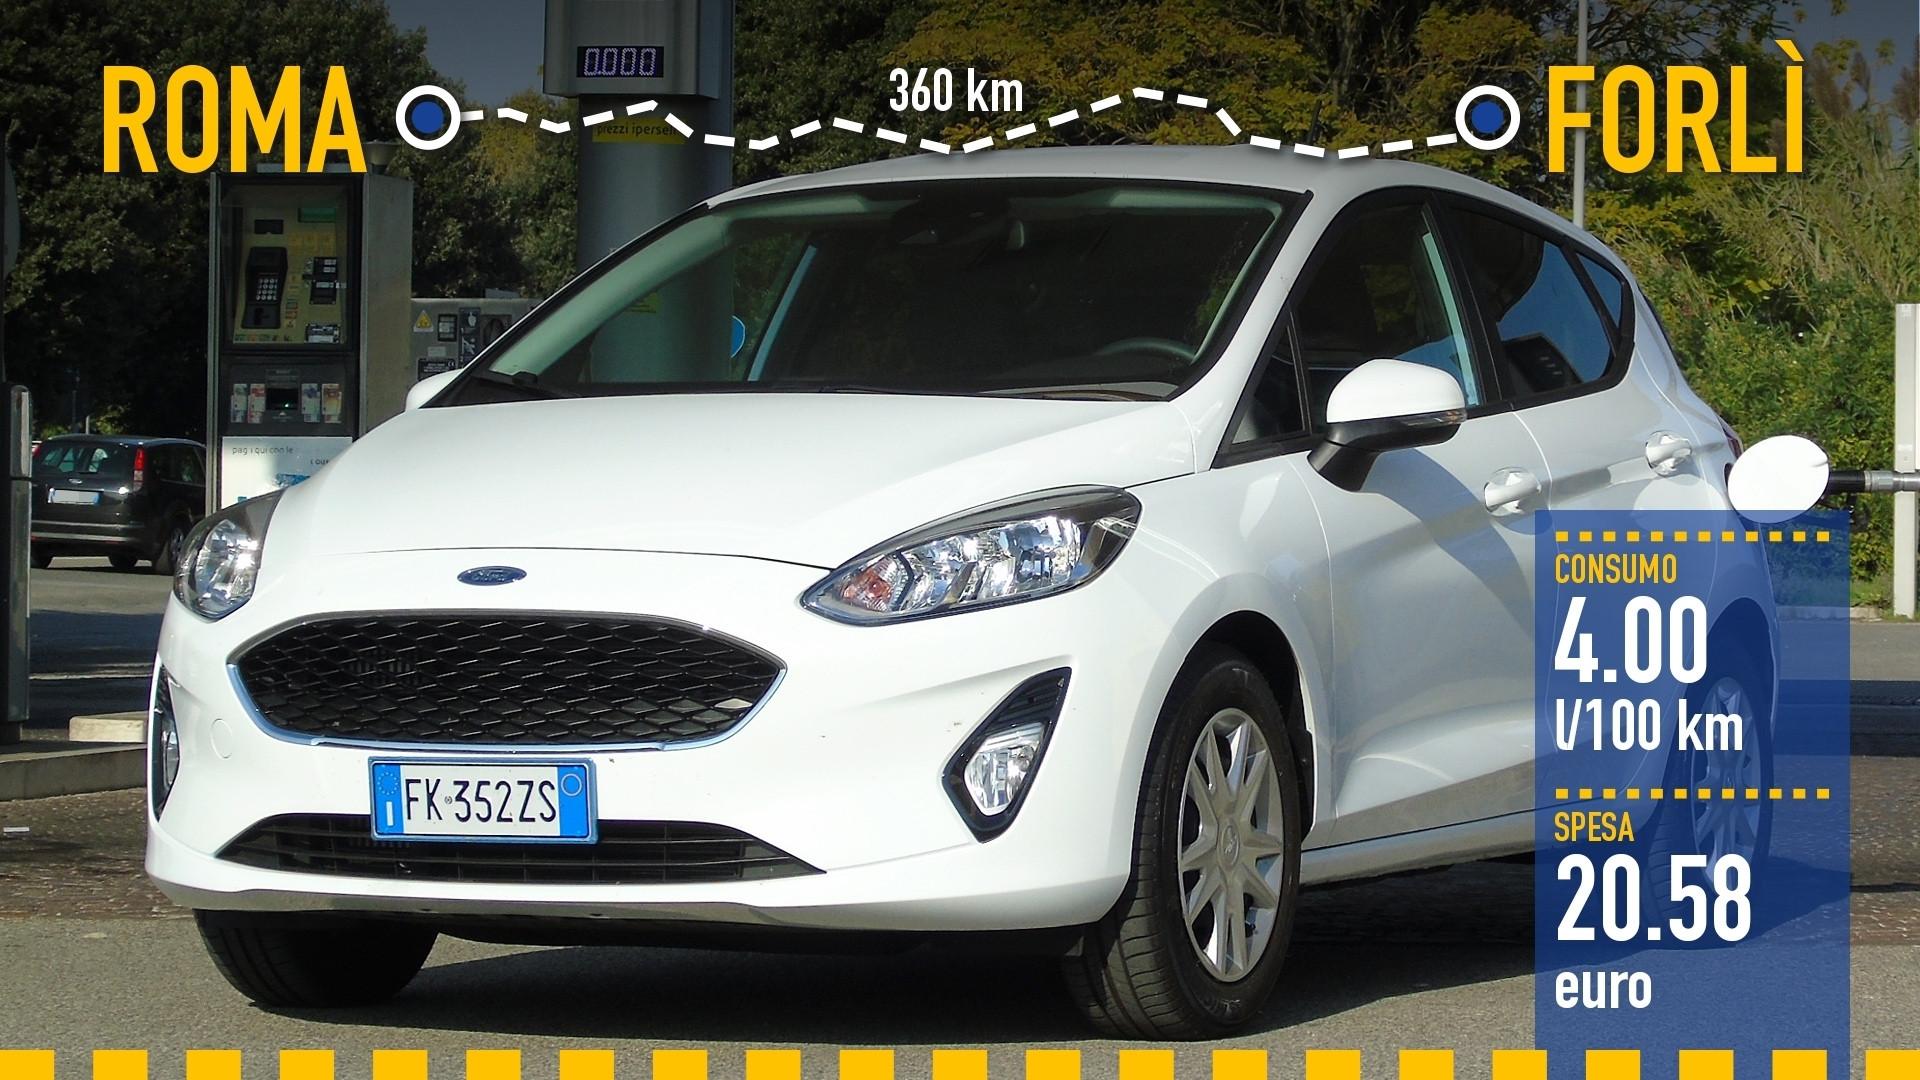 Ford Fiesta 1 0 La Prova Dei Consumi Reali